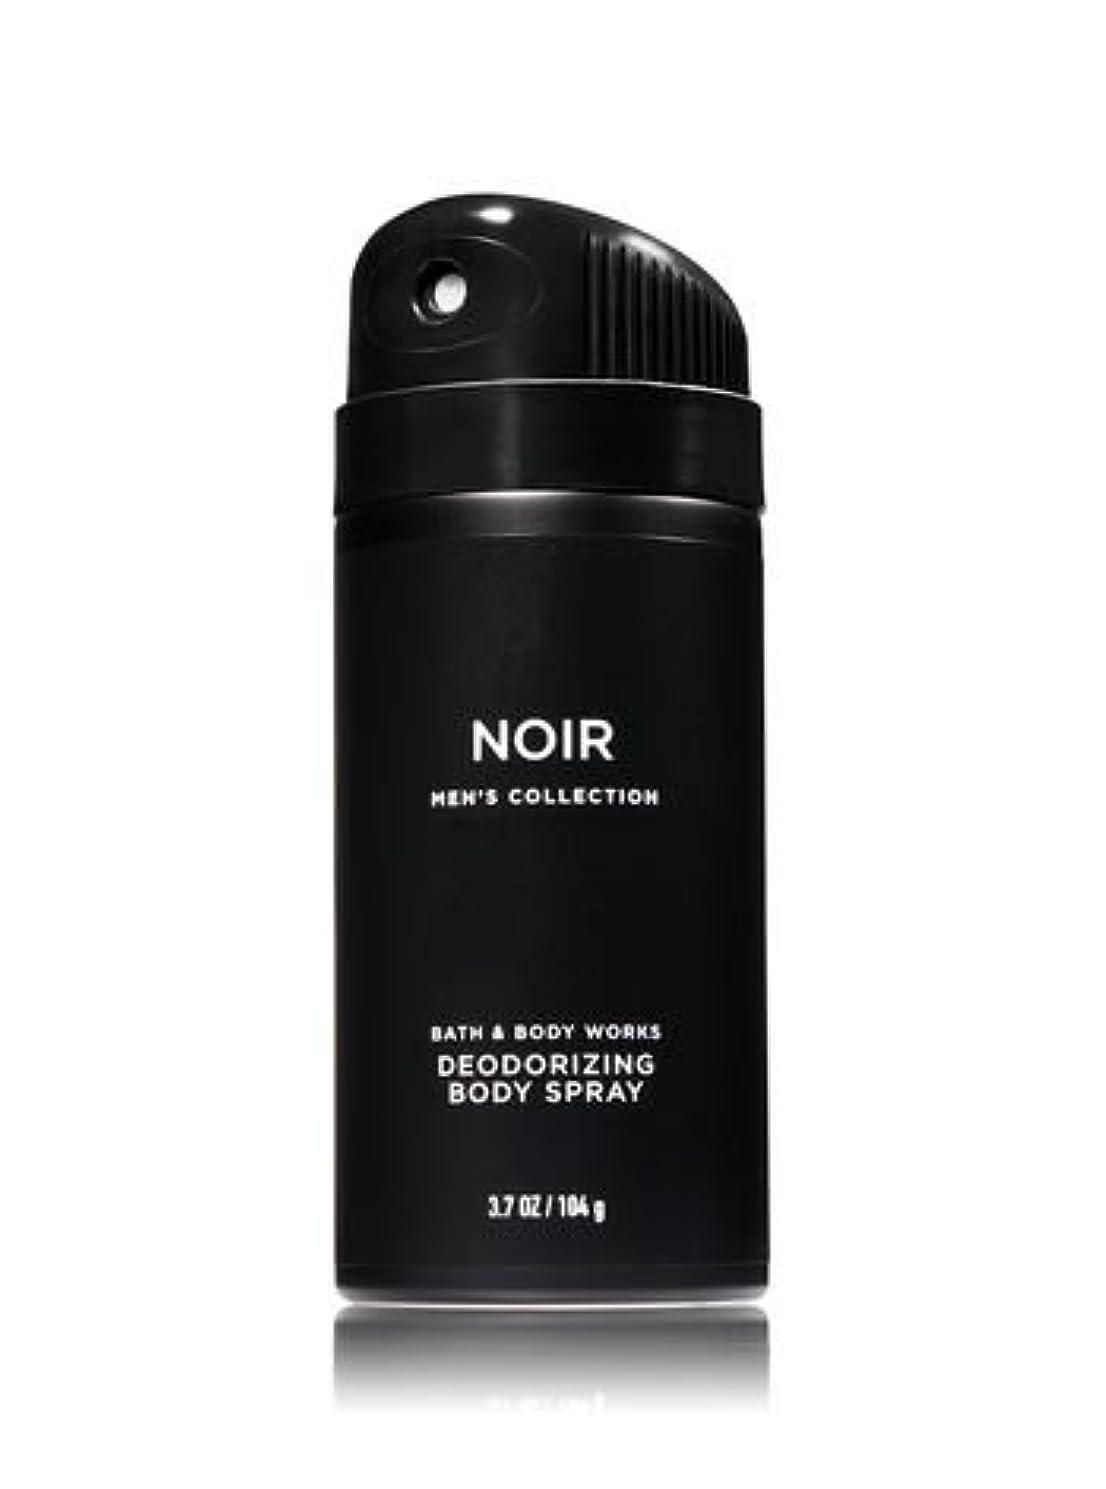 バンケット橋固執バス&ボディワークス ノアール フォーメン デオドラント スプレー NOIR For MEN Deodoraizing Body Spray [並行輸入品]